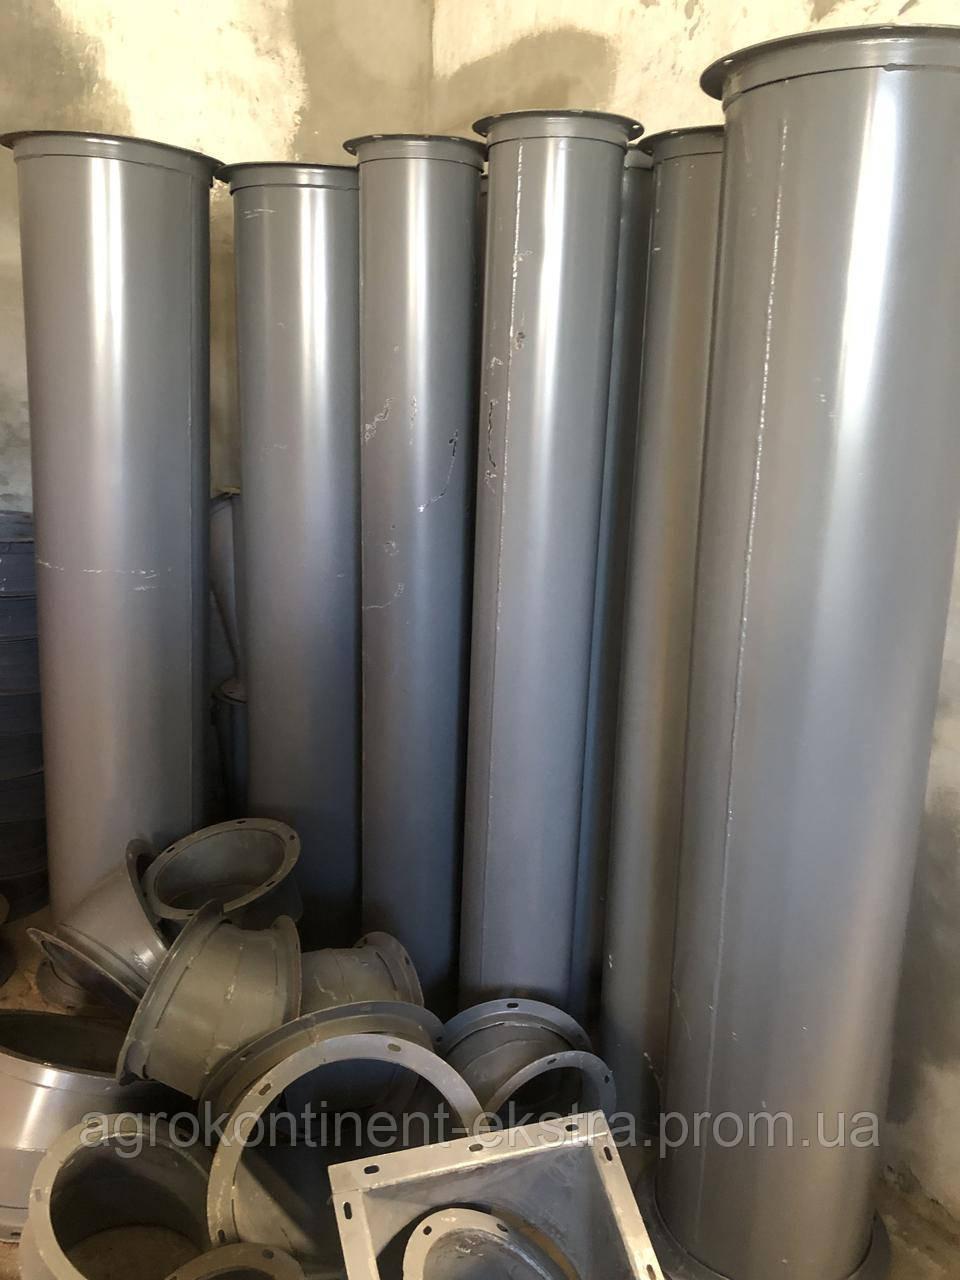 Самотечные трубы на элеваторе транспортер винтовой размеры